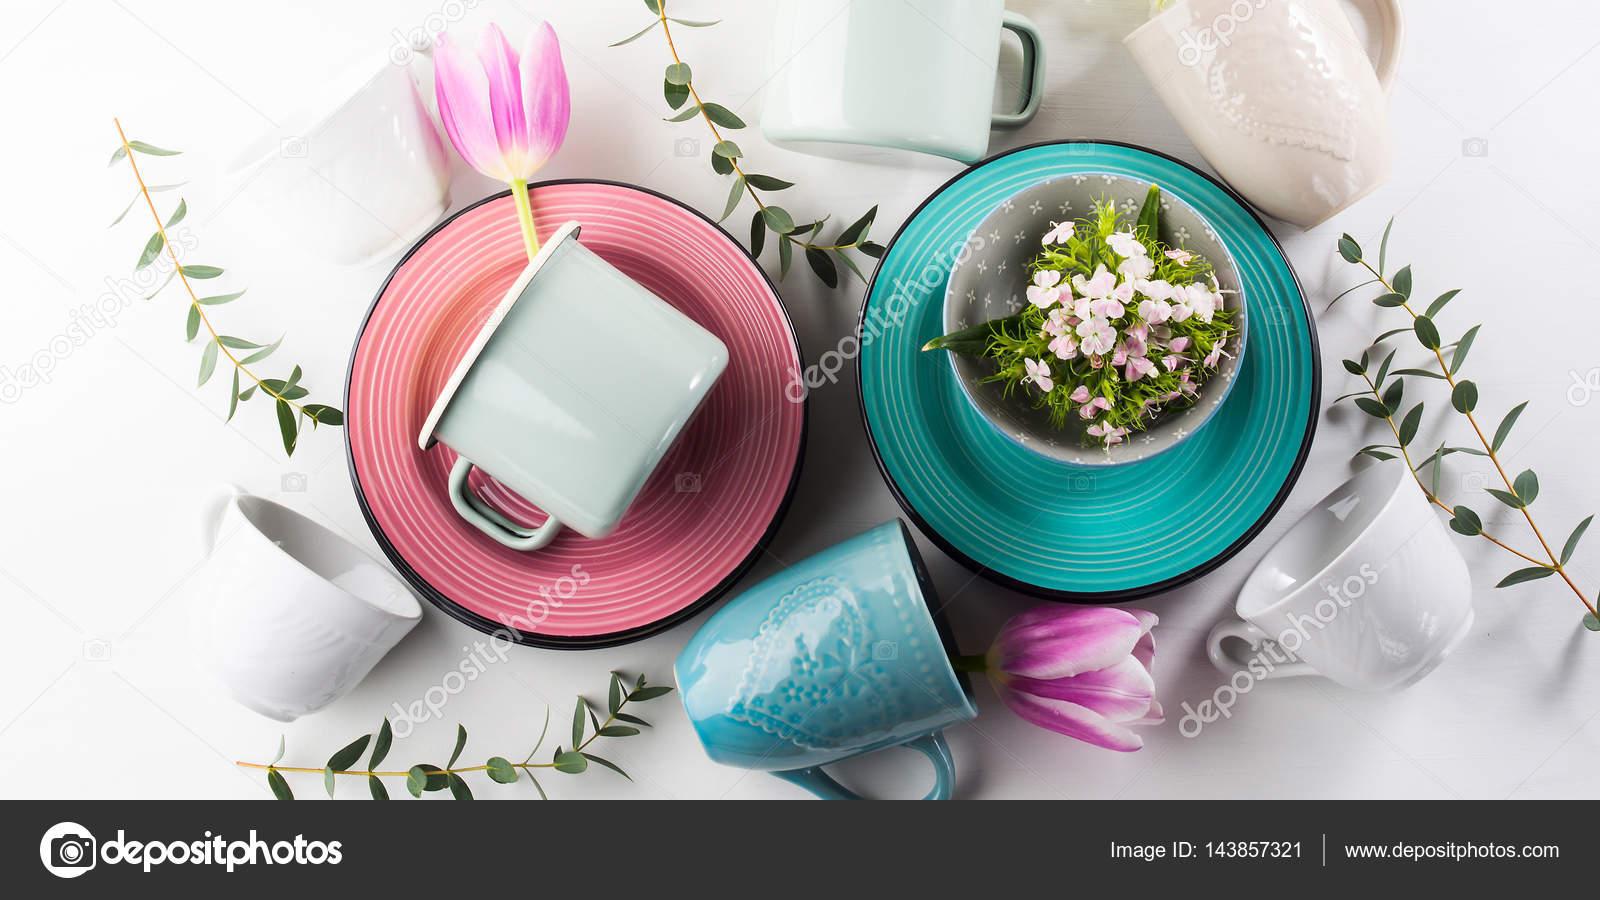 Frühling Geschirr Geschirr Konzept Mit Tulpen Blumen Pastell Farbe Weiß  Hintergrund. Keramische Platten Geschirr Tassen Texturiert.